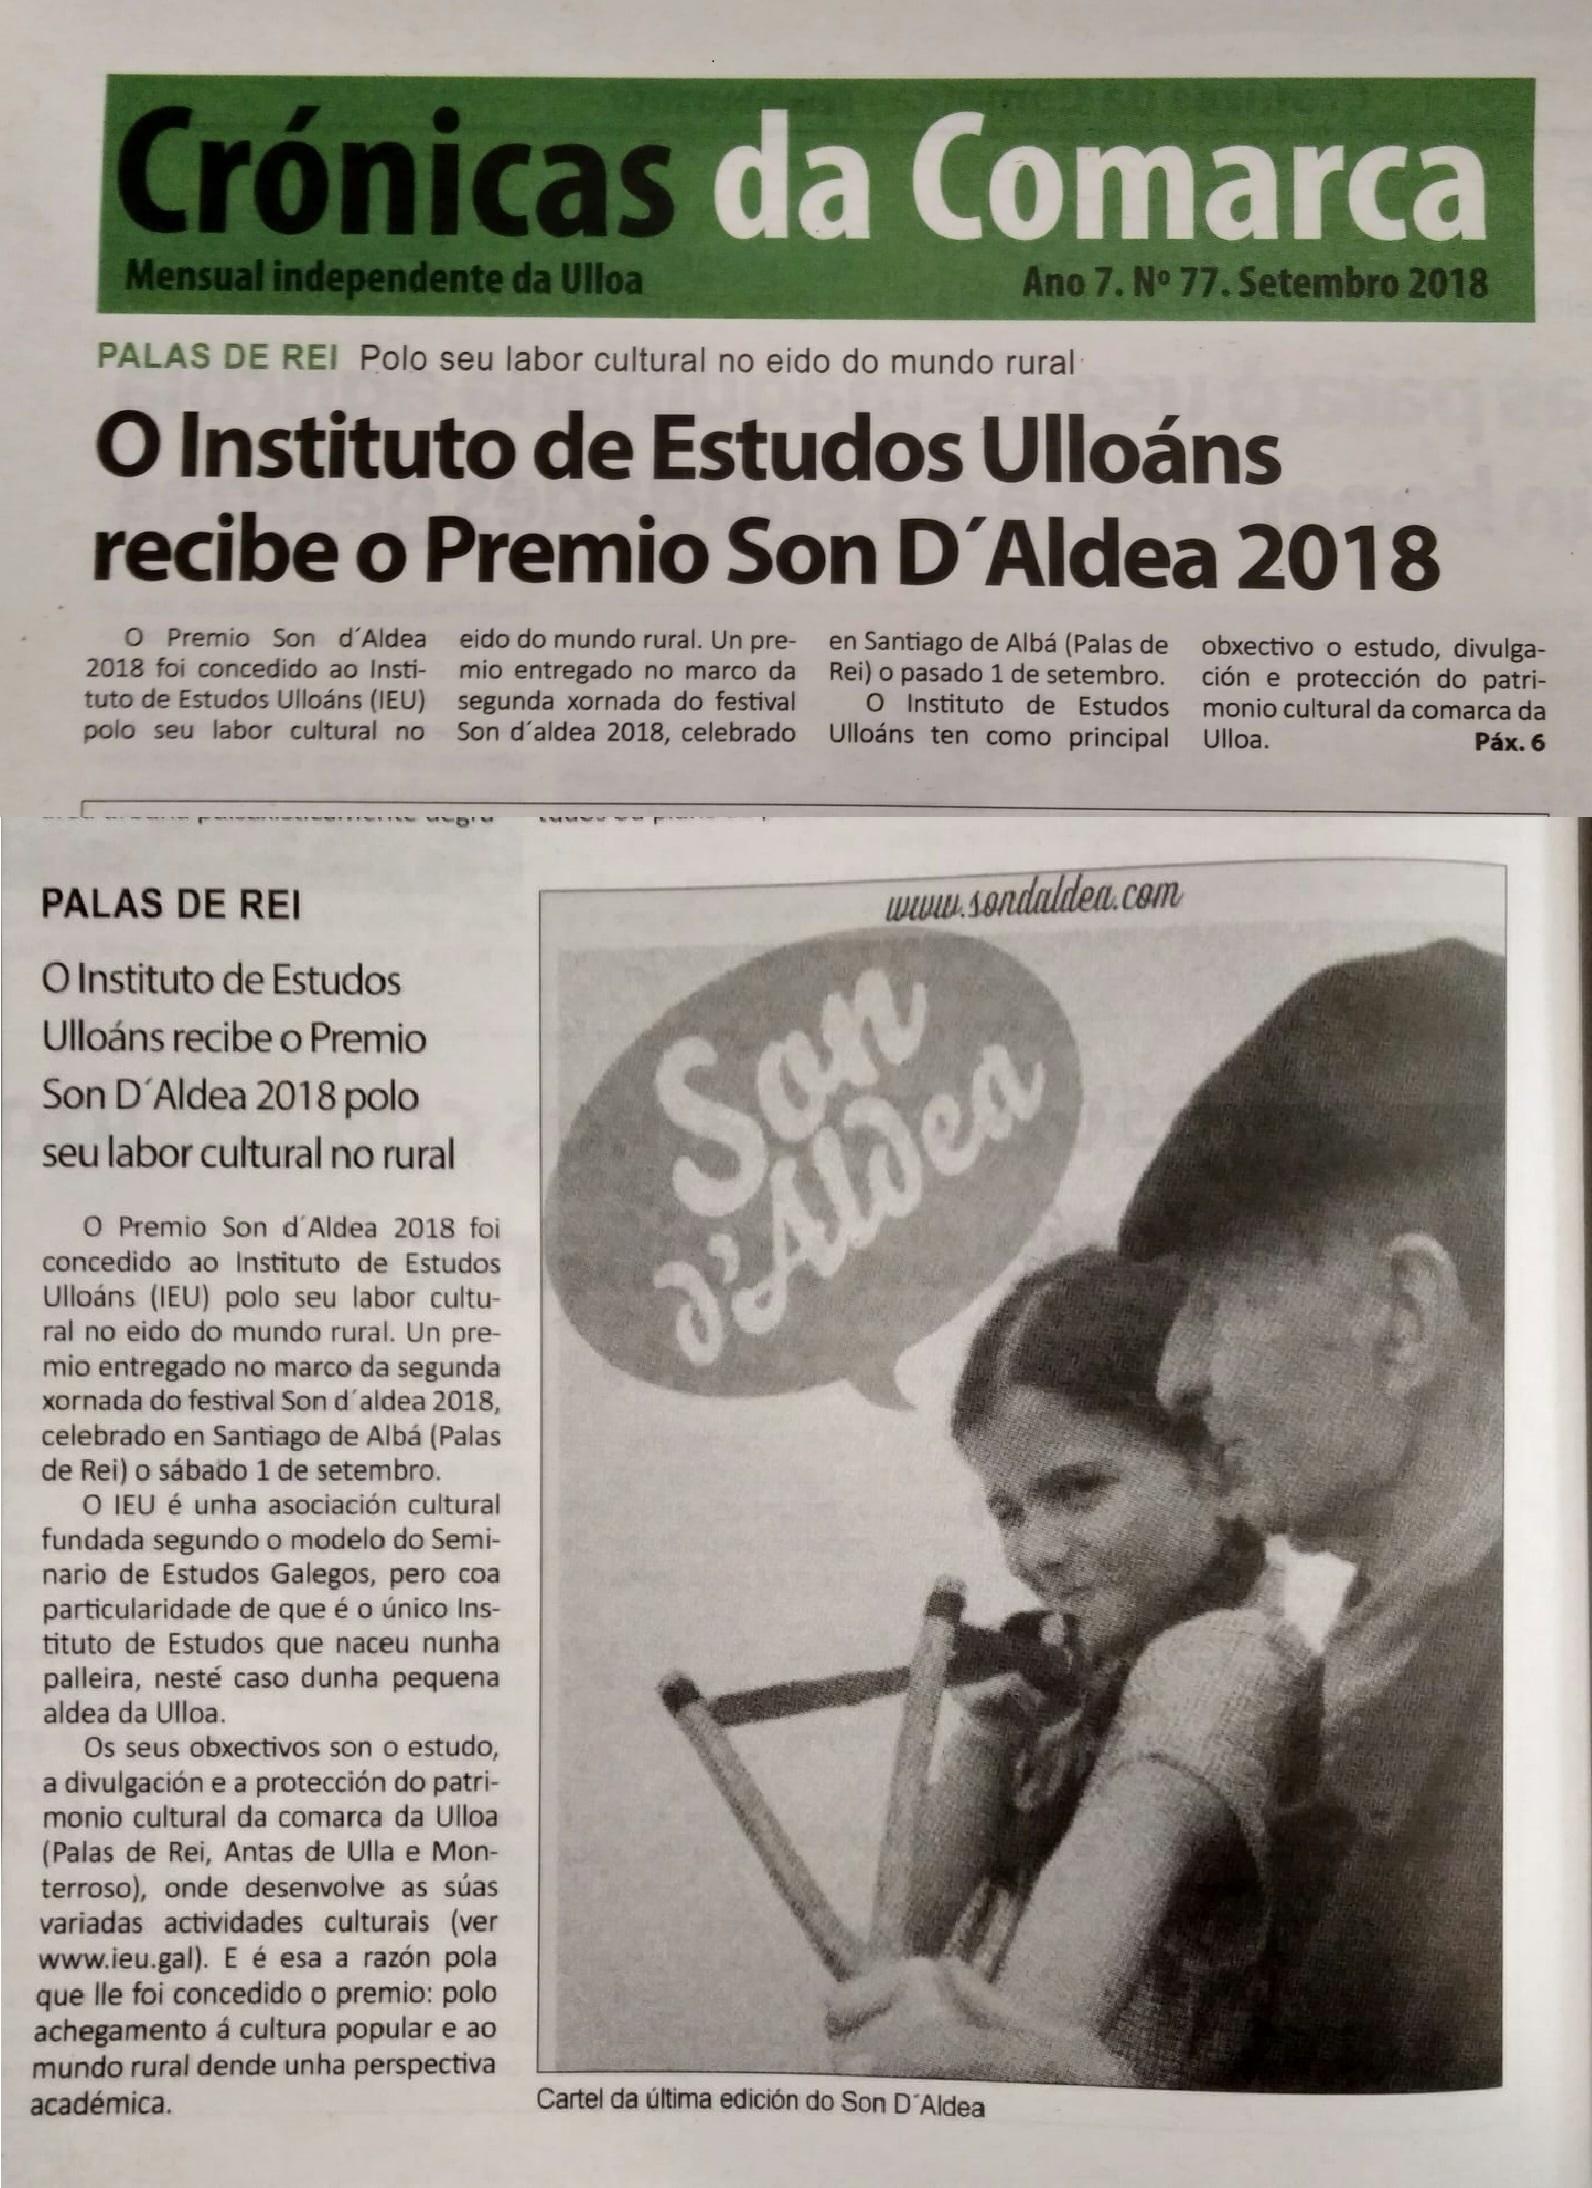 Premio Son daldea 2018 ao Instituto de Estudos Ulloáns